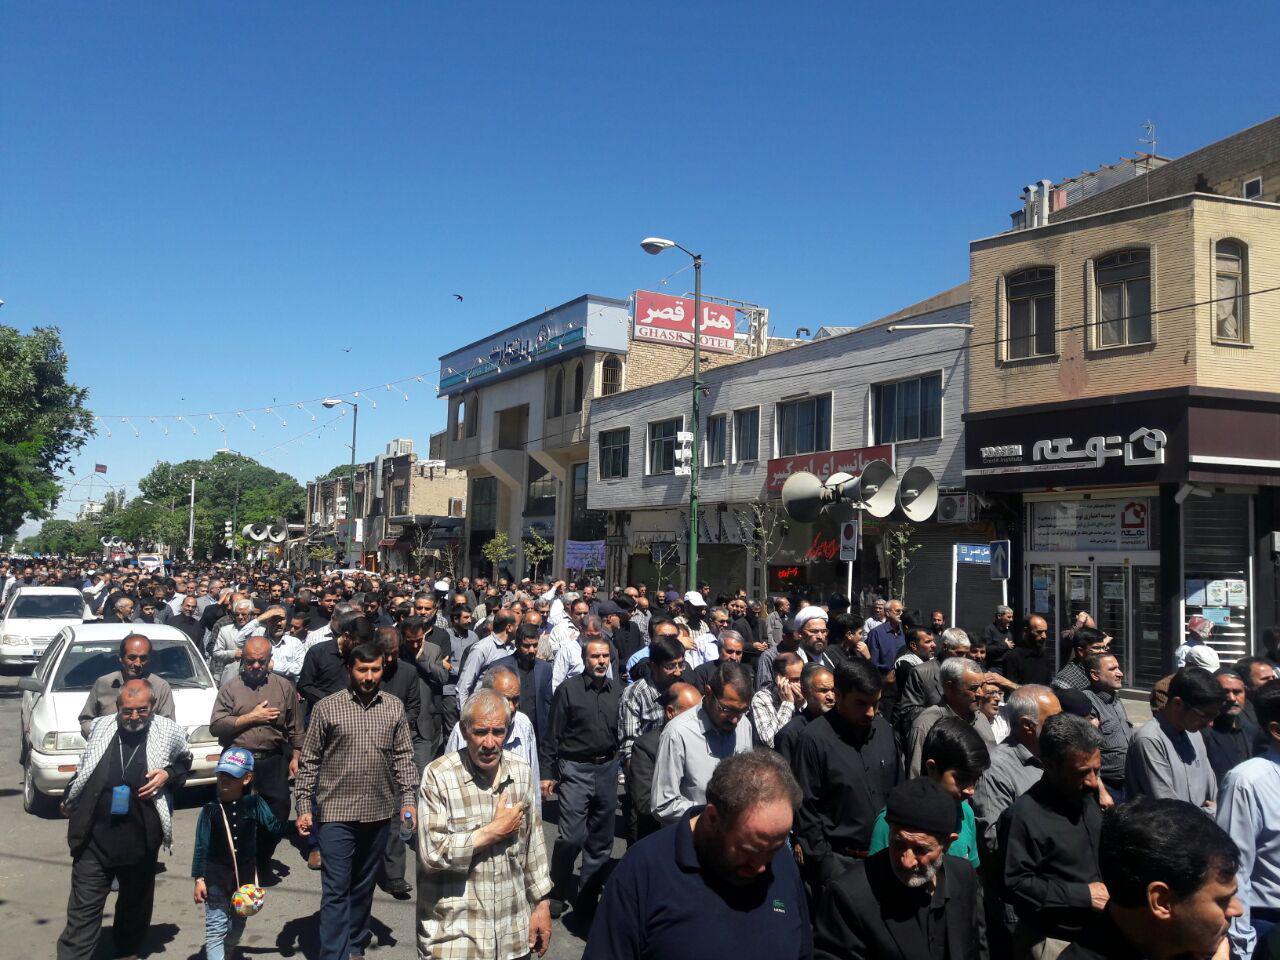 دسته عزاداری حسینیه اعظم به مناسبت رحلت امام خمینی(ره)+ تصاویر